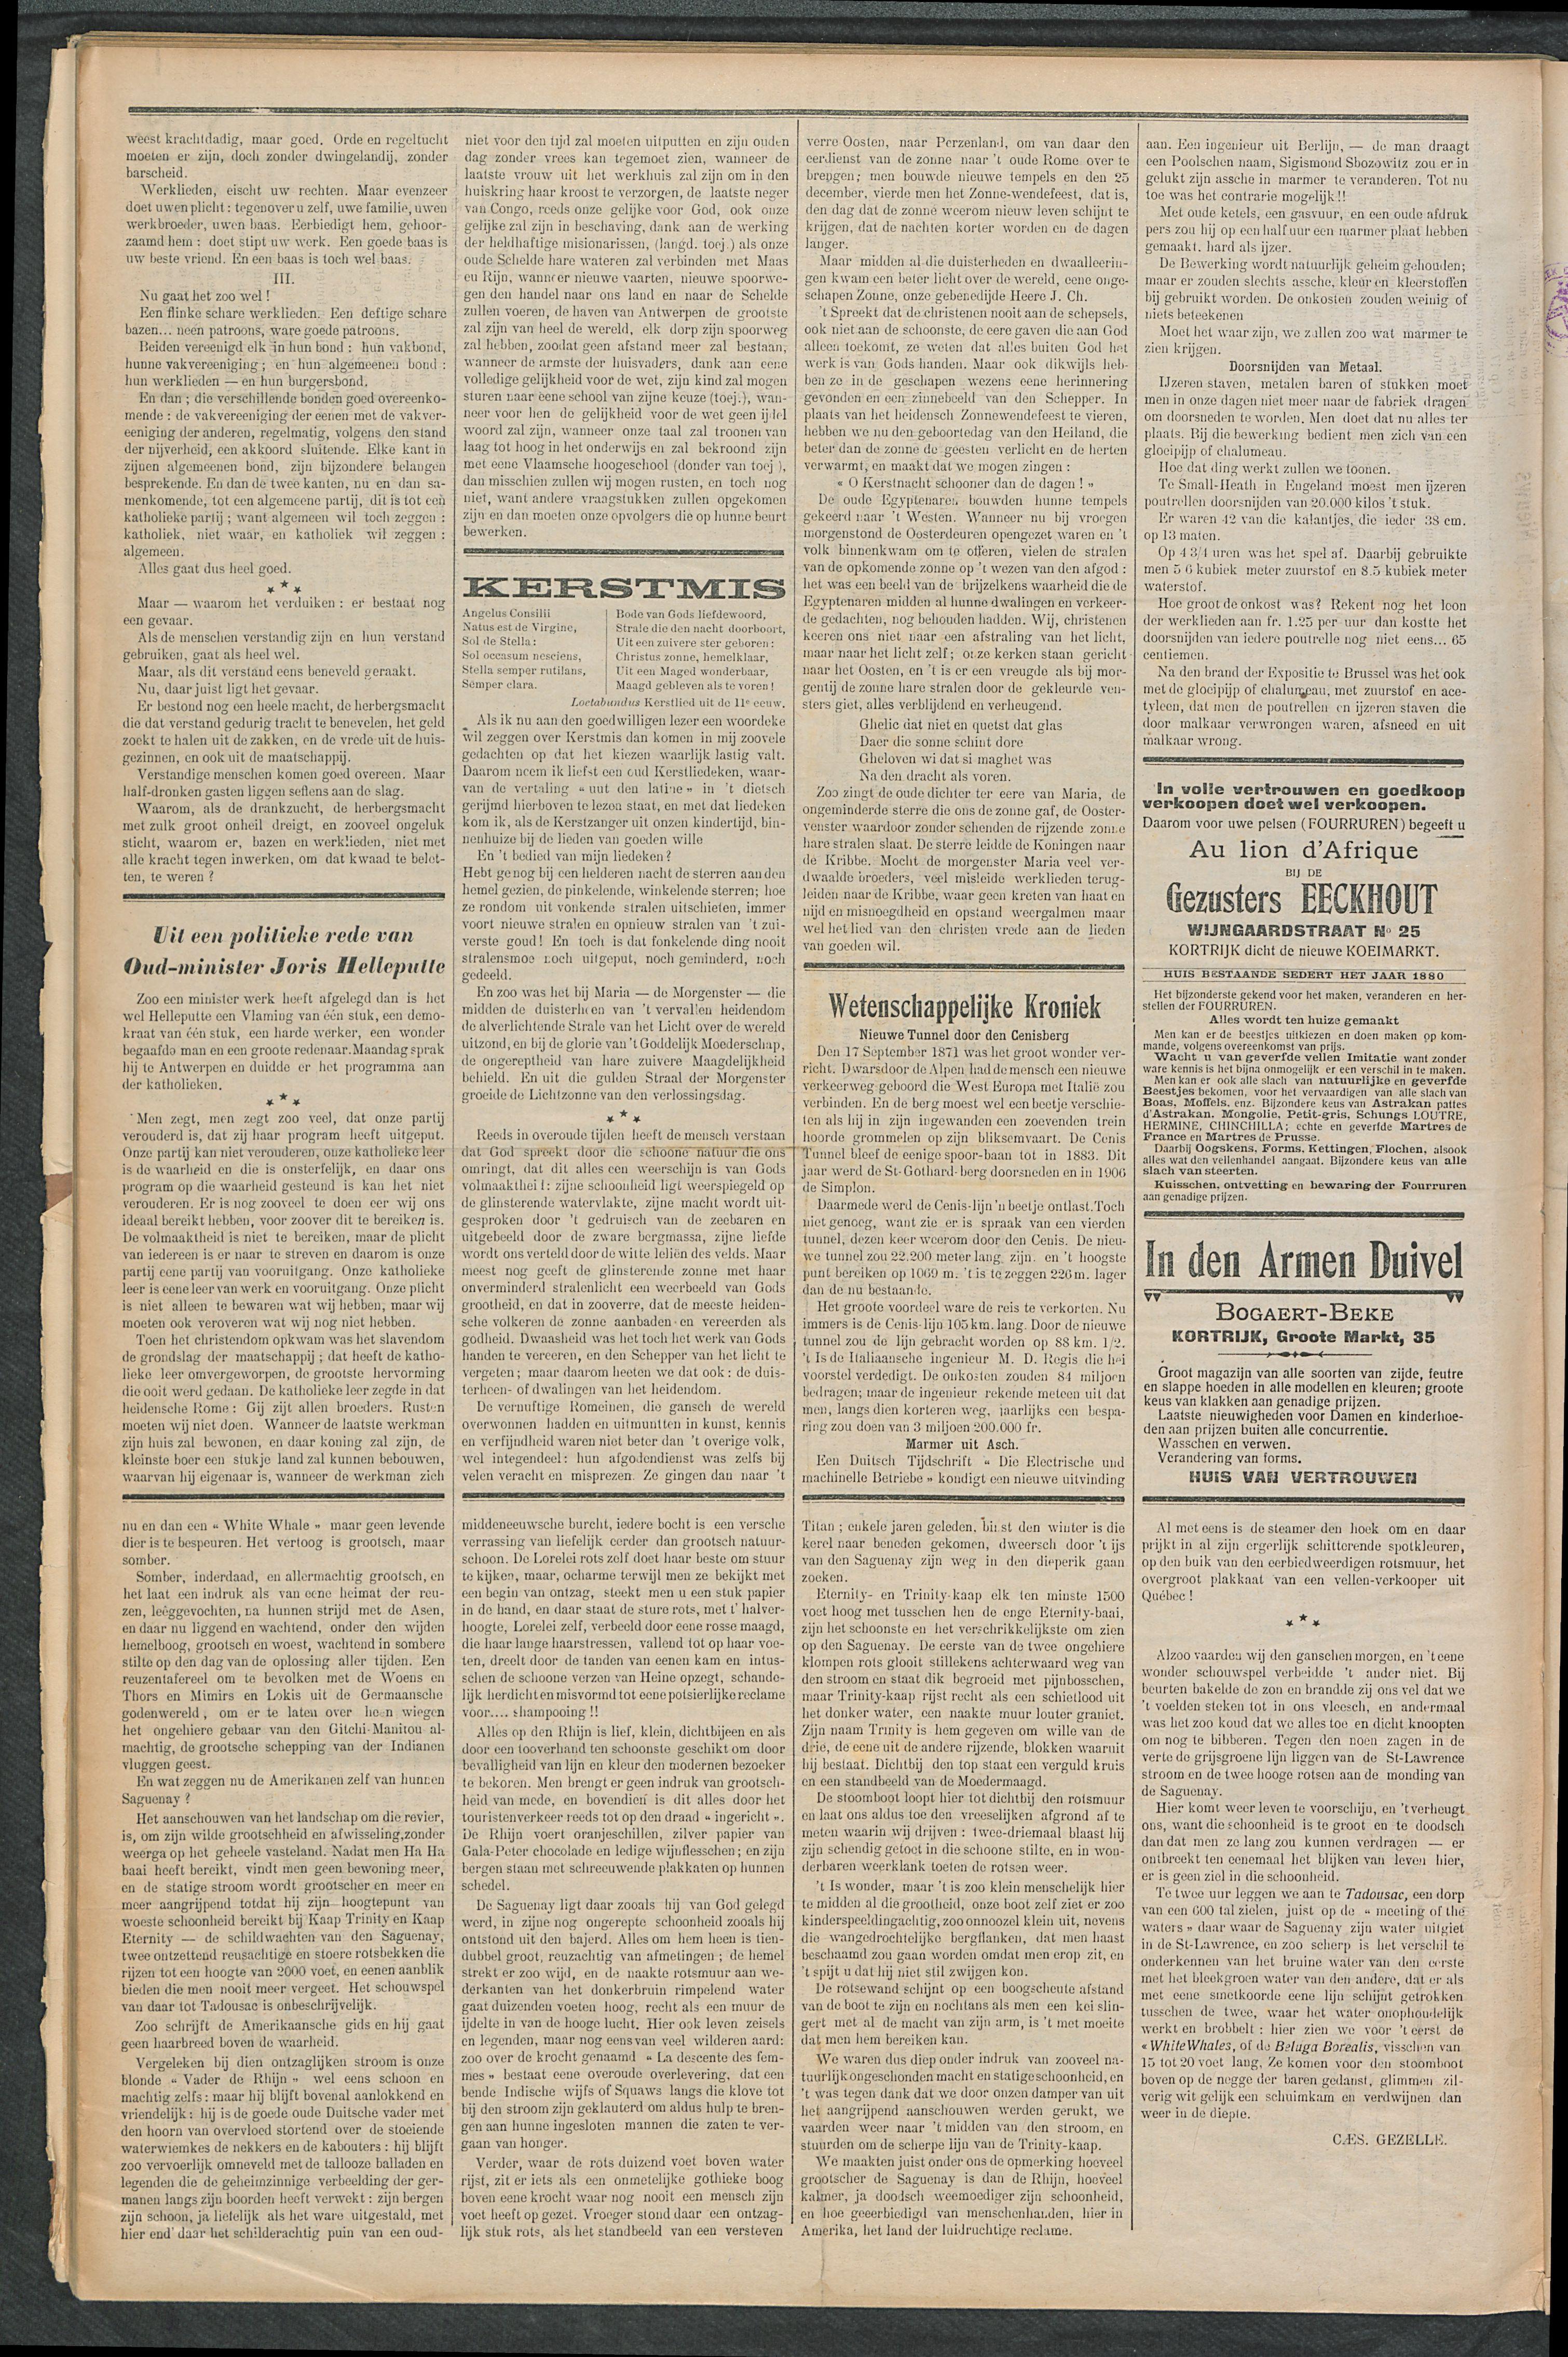 Het Kortrijksche Volk 1911-12-24 p6